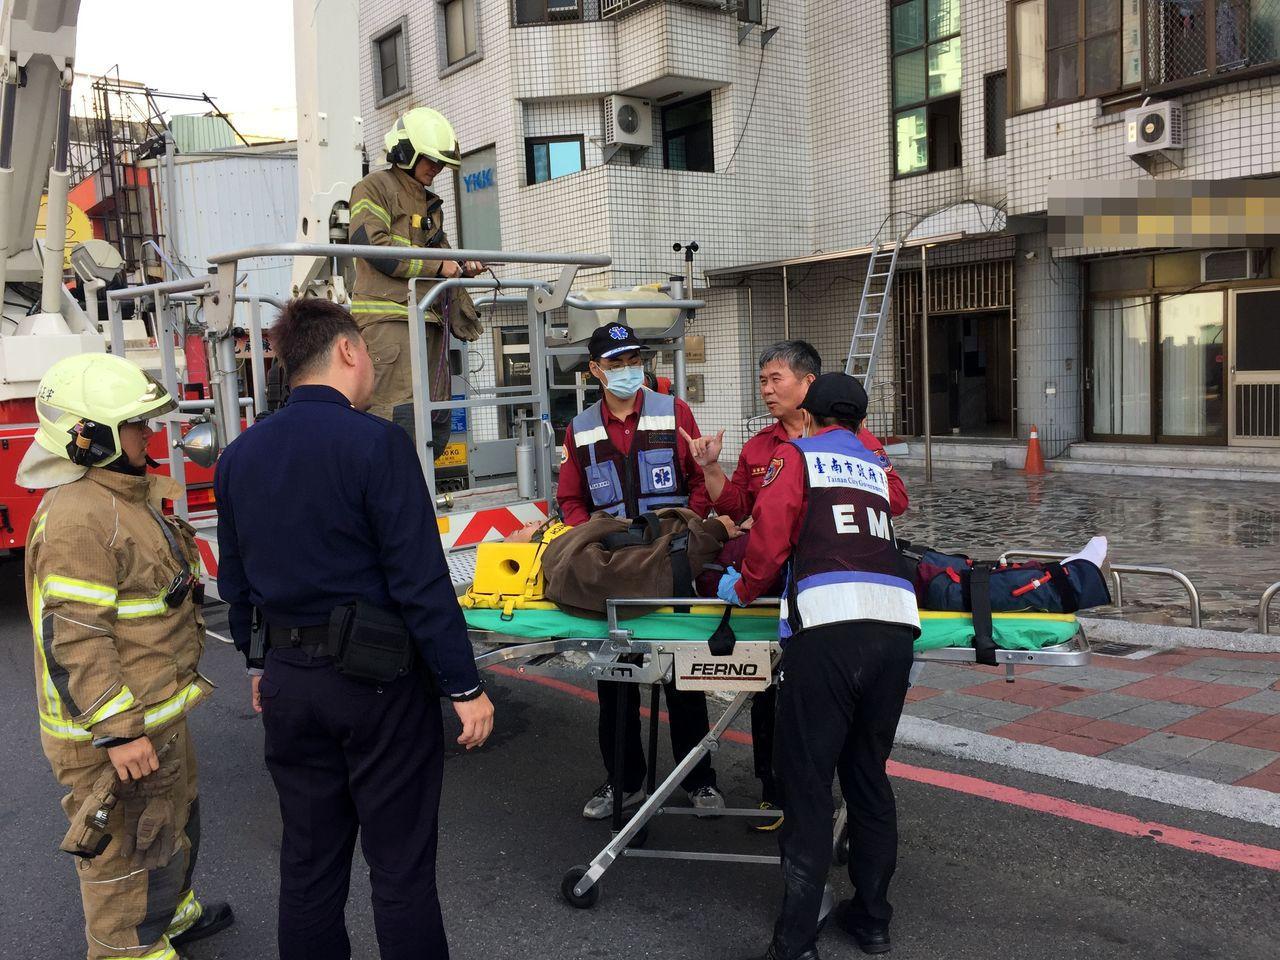 台南市東區一住宅大樓下午傳墜樓意外,警消趕往現場搶救,送醫急救。記者邵心杰/攝影